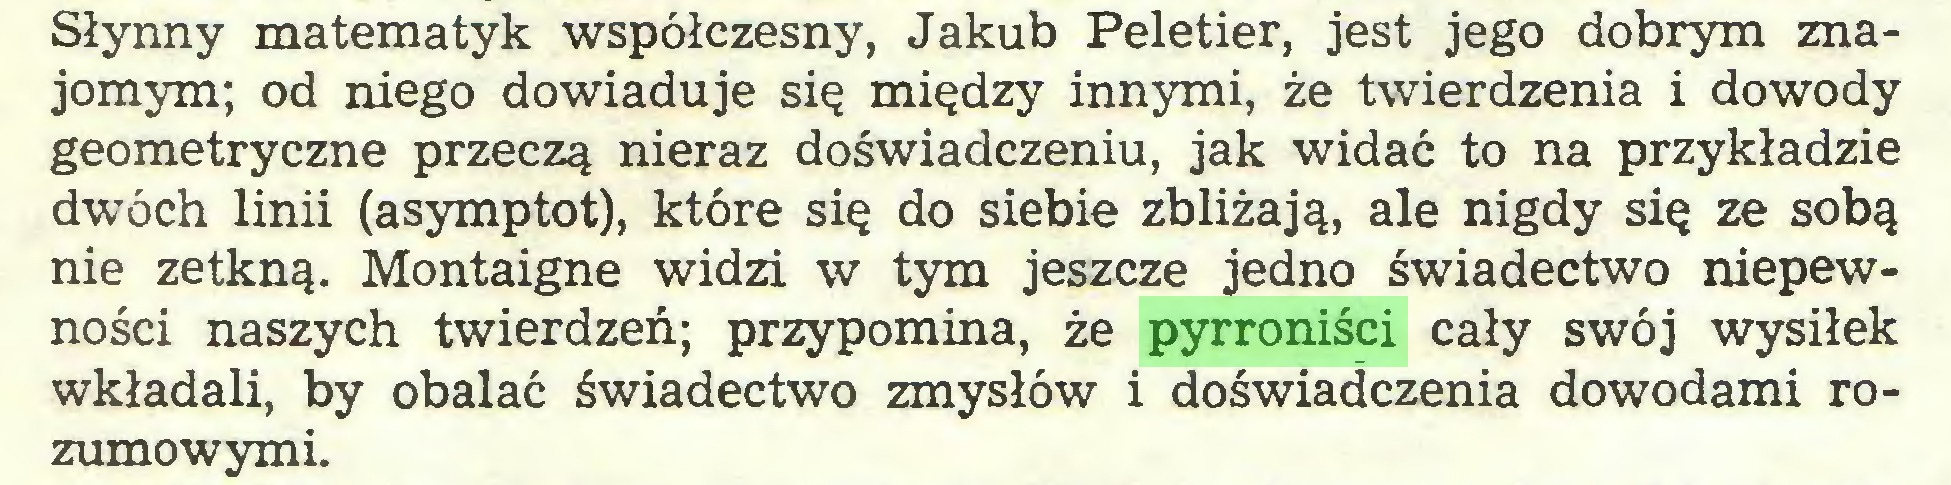 (...) Słynny matematyk współczesny, Jakub Peletier, jest jego dobrym znajomym; od niego dowiaduje się między innymi, że twierdzenia i dowody geometryczne przeczą nieraz doświadczeniu, jak widać to na przykładzie dwóch linii (asymptot), które się do siebie zbliżają, ale nigdy się ze sobą nie zetkną. Montaigne widzi w tym jeszcze jedno świadectwo niepewności naszych twierdzeń; przypomina, że pyrroniści cały swój wysiłek wkładali, by obalać świadectwo zmysłów i doświadczenia dowodami rozumowymi...